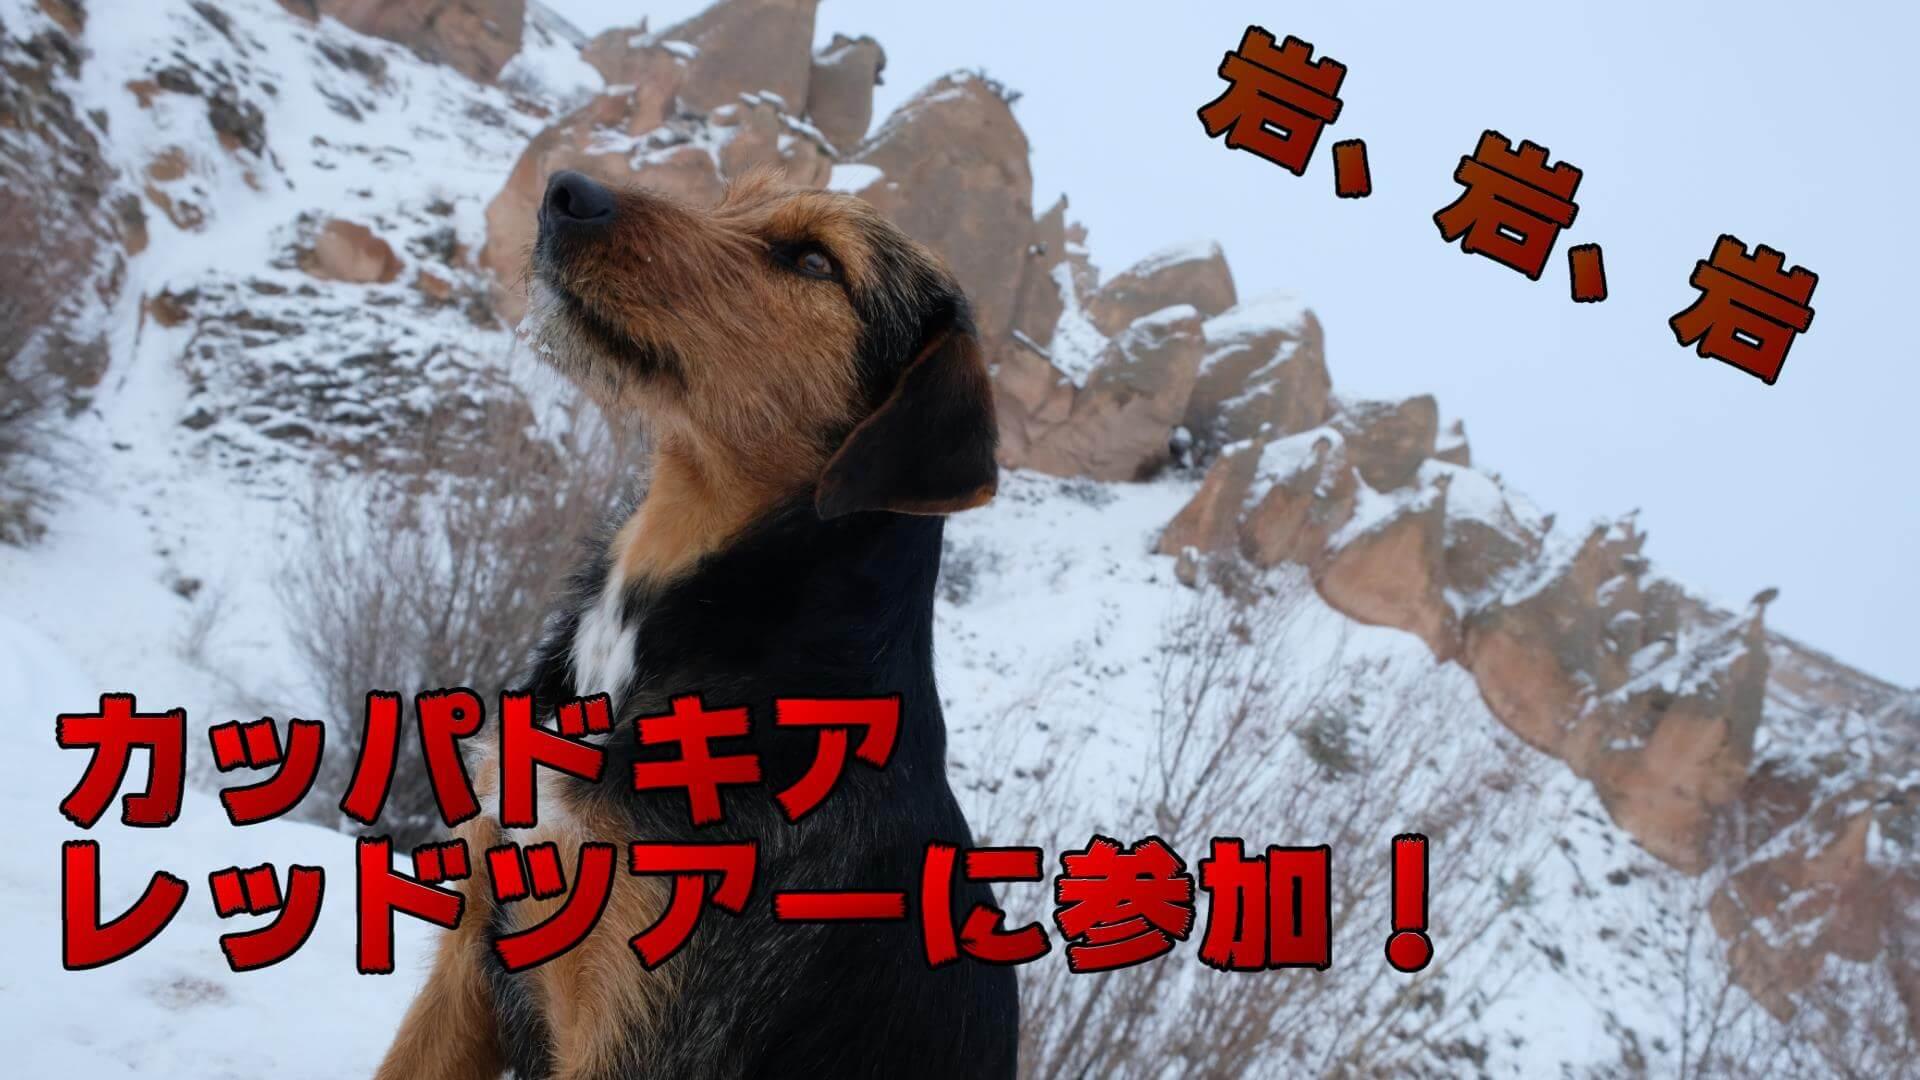 【カッパドキア】ギョレメでレッドツアーに参加!一生分の岩を鑑賞!